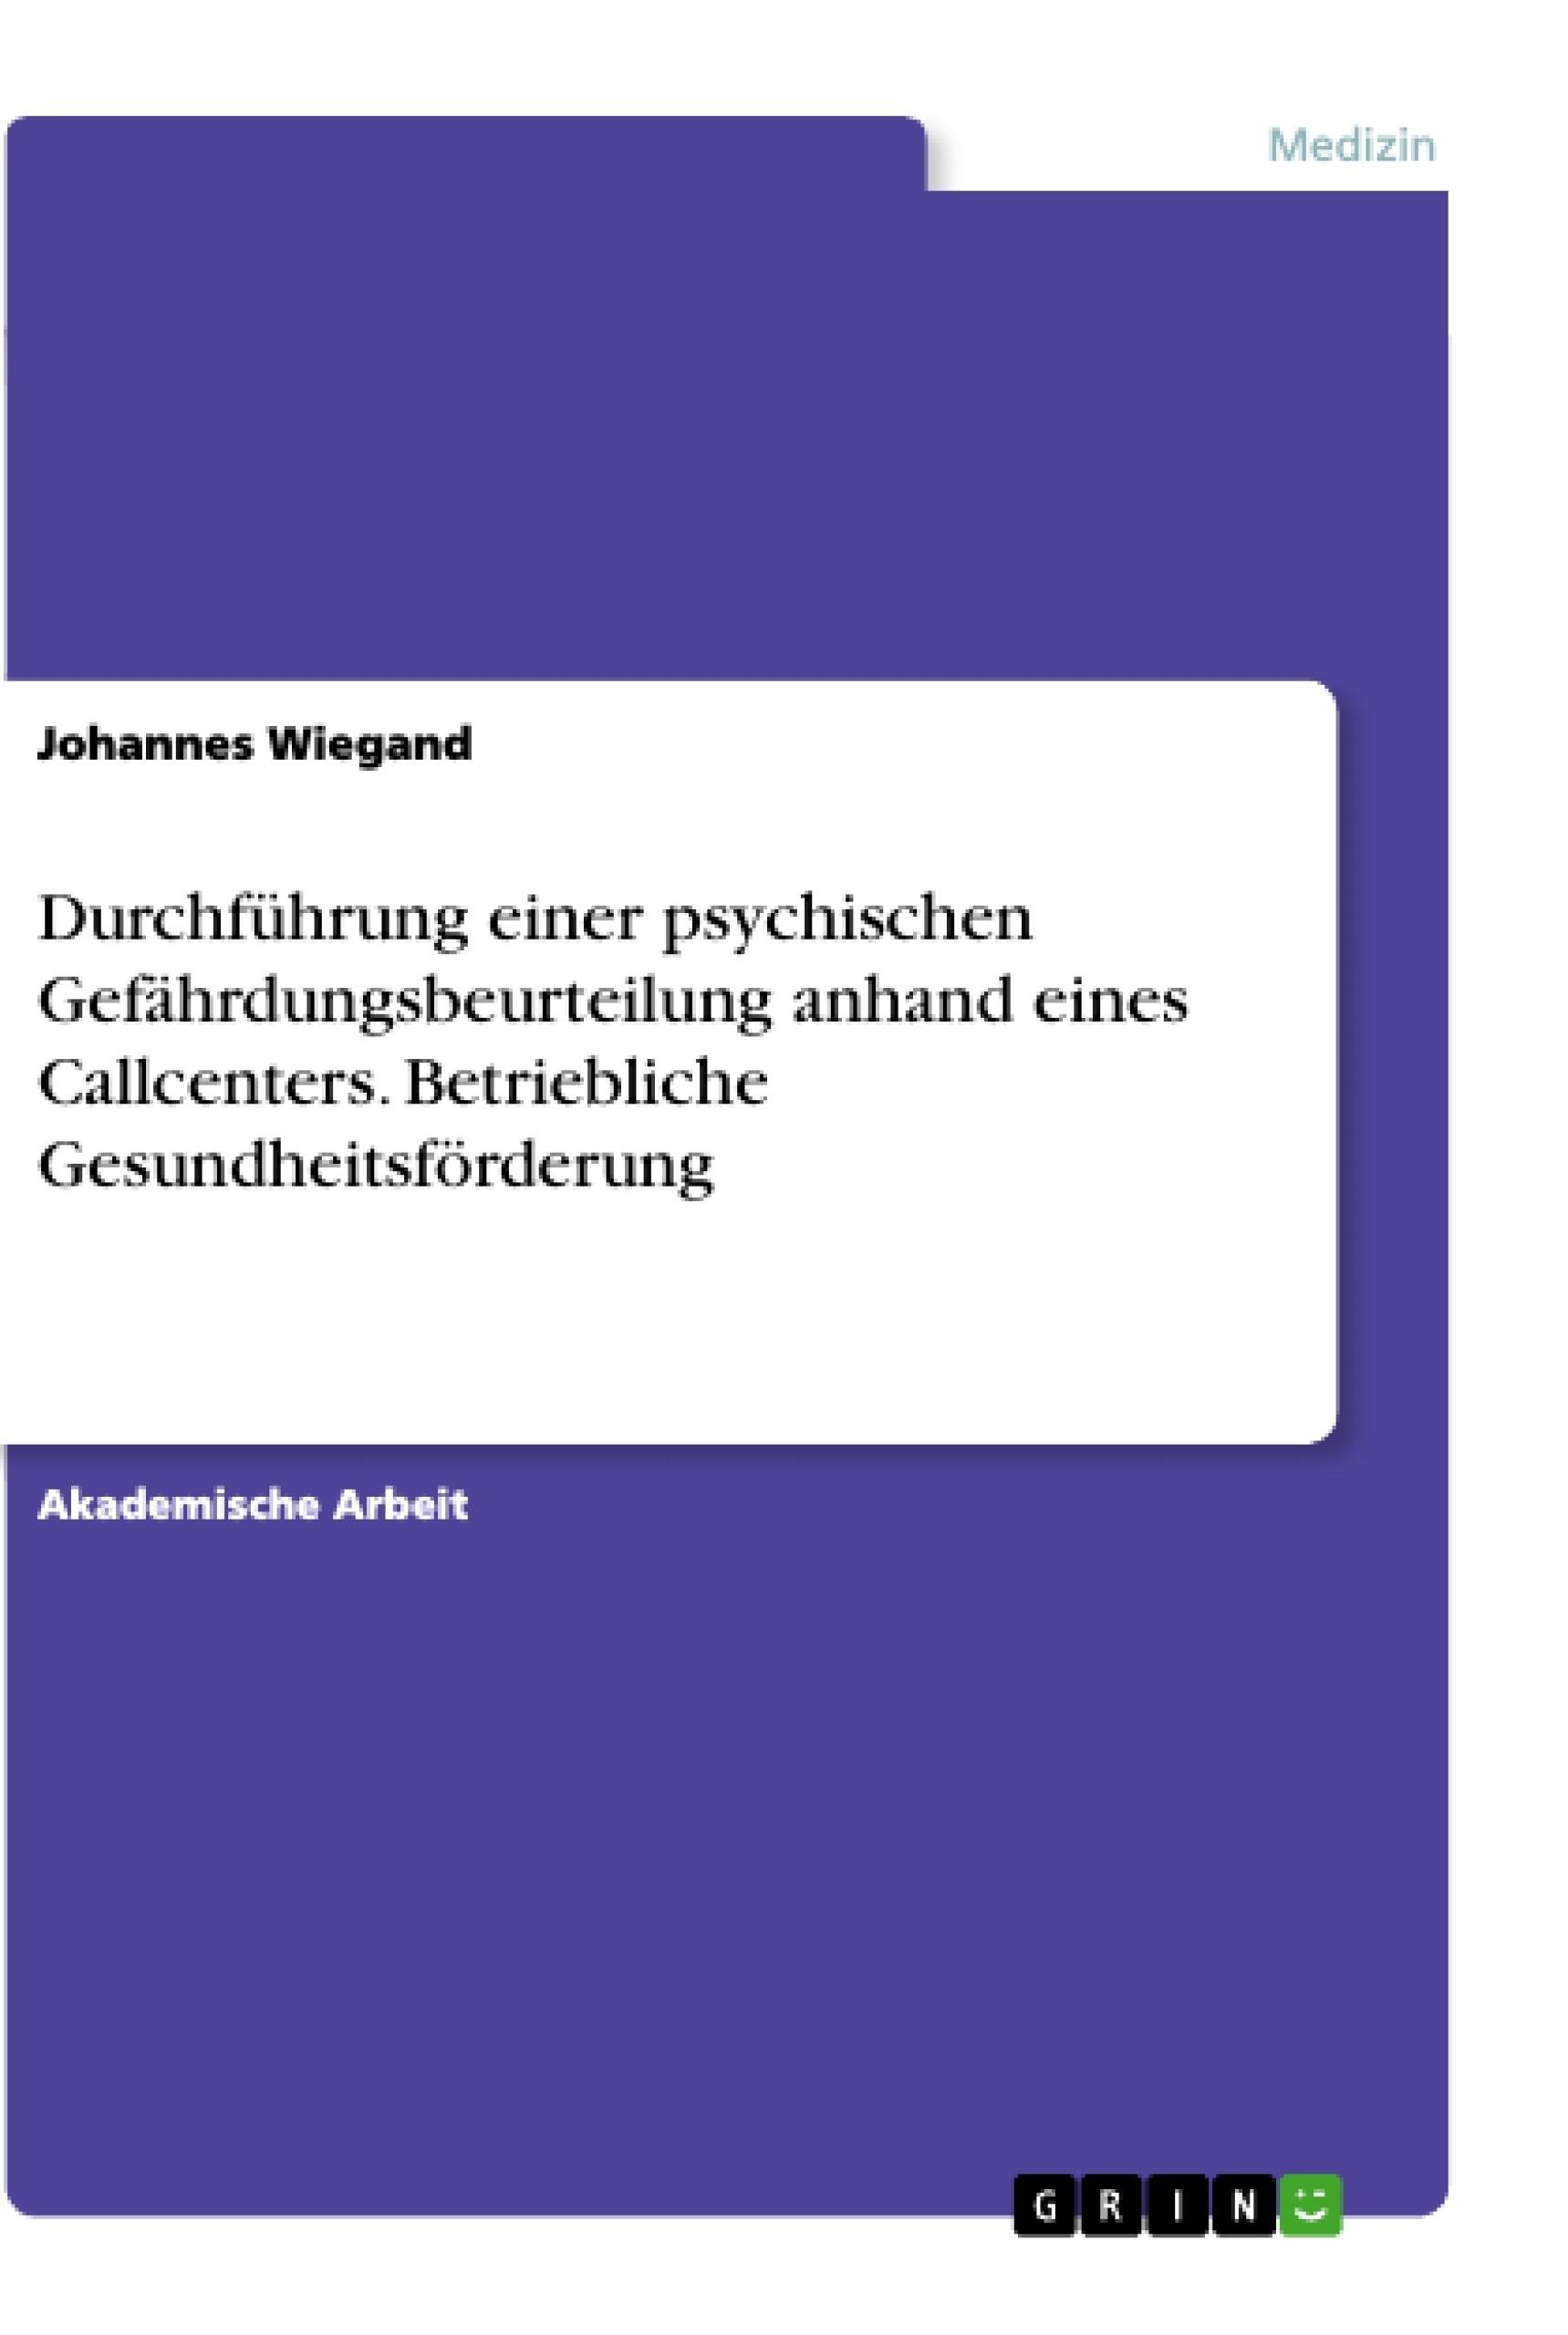 Titel: Durchführung einer psychischen Gefährdungsbeurteilung anhand eines Callcenters. Betriebliche Gesundheitsförderung